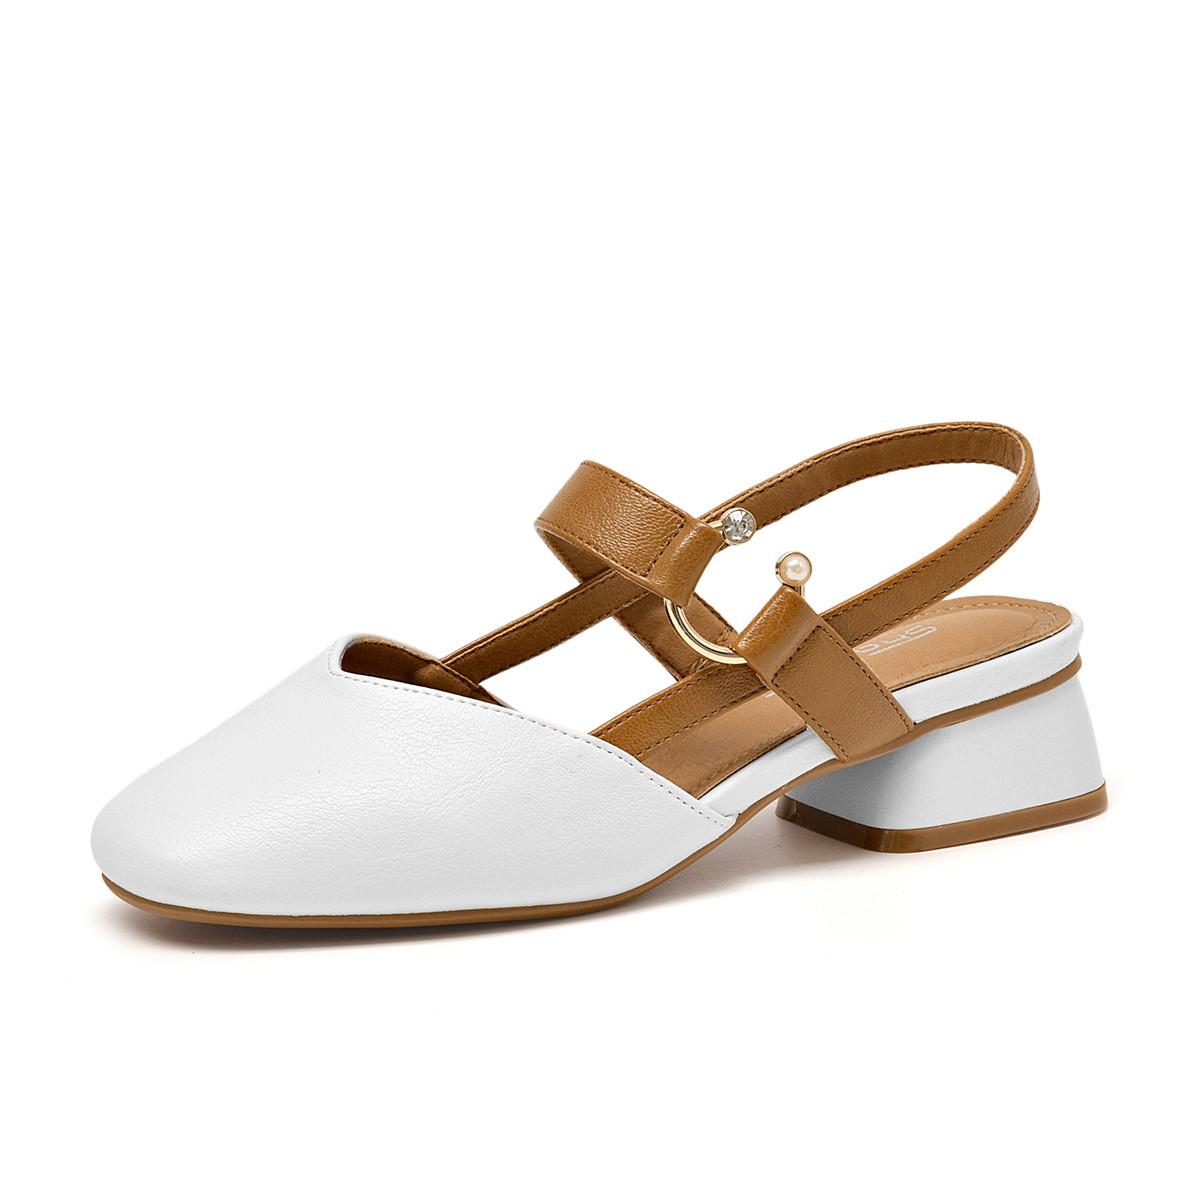 莎诗特【清仓】春秋舒适纯色浅口方头粗跟中后空玛丽珍高跟鞋女单鞋女鞋M18115白色